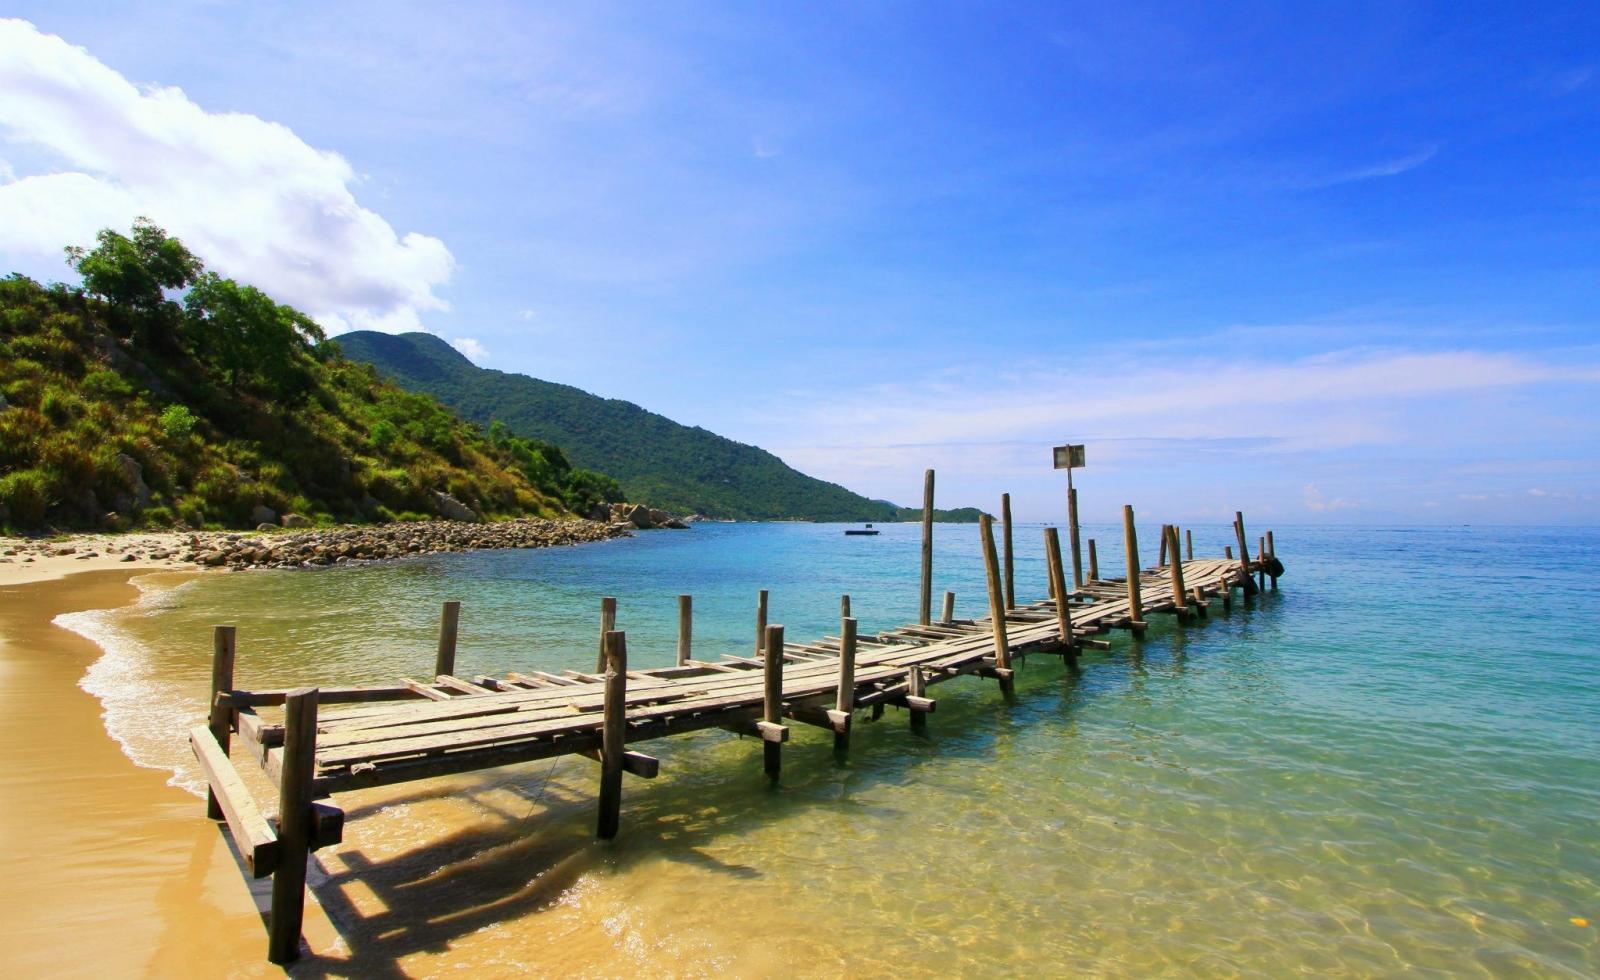 Cẩm nang du lịch Phú Quốc những điểm đến không thể bỏ qua